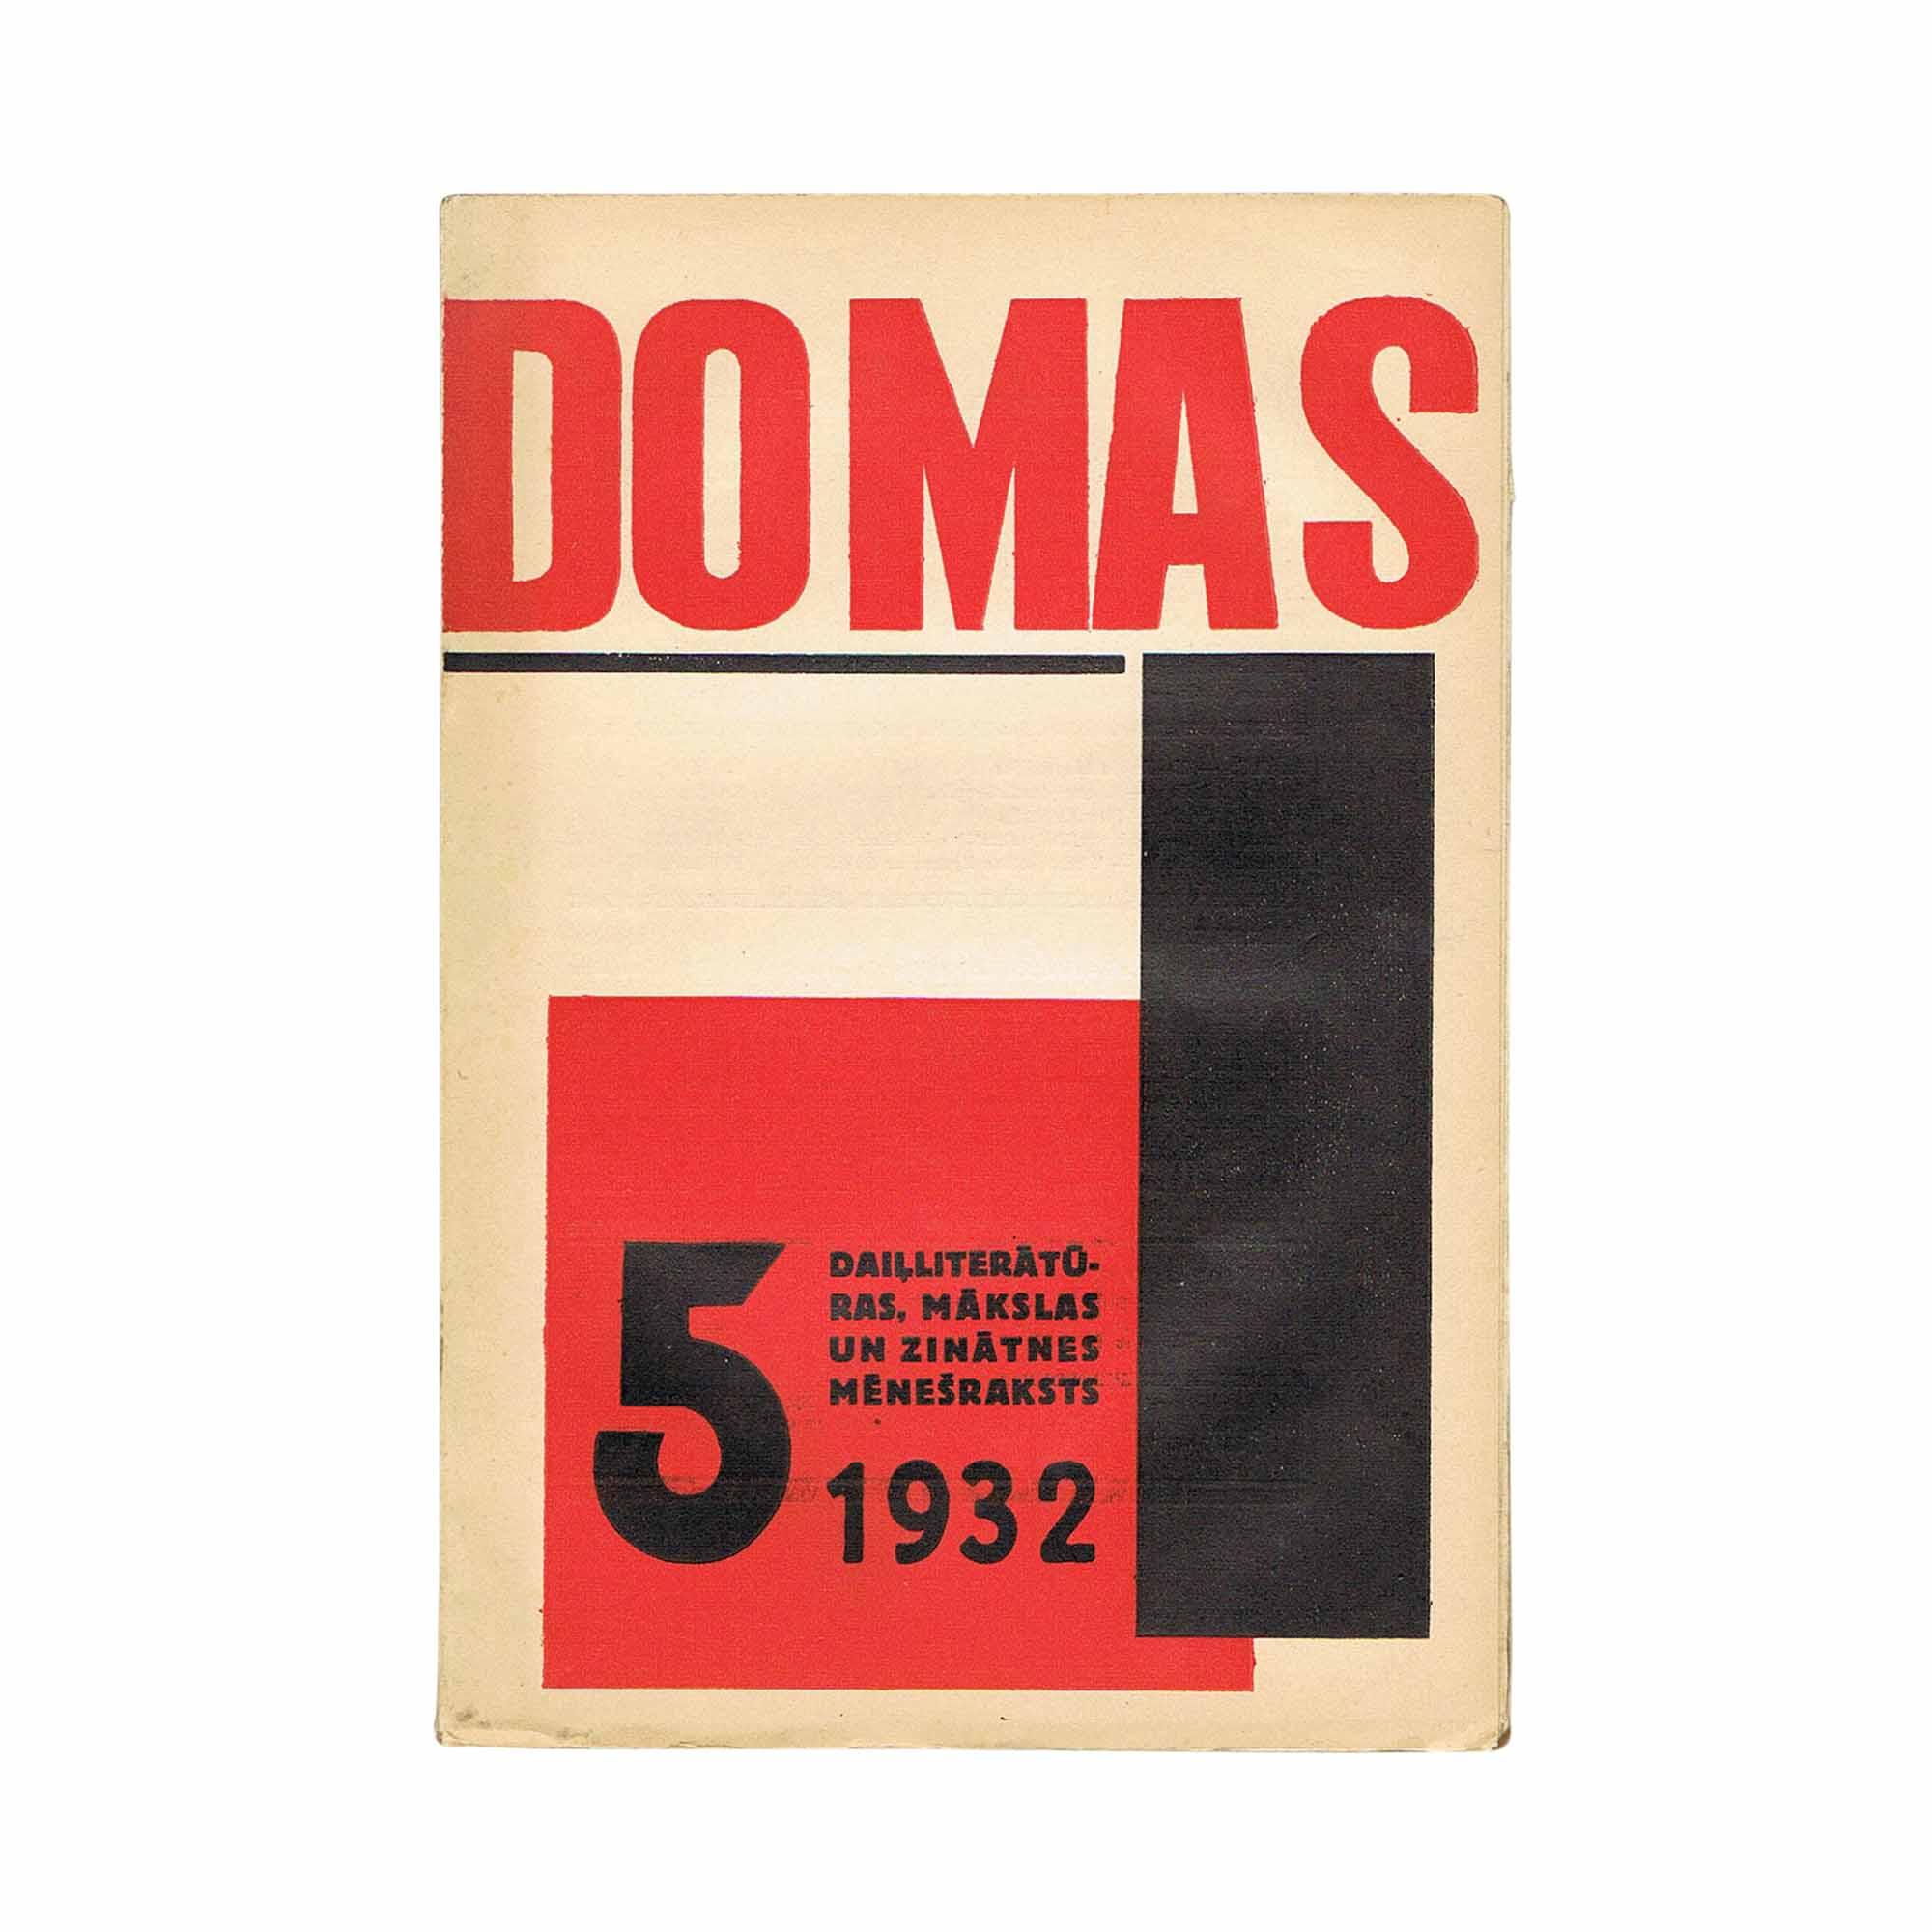 5214-Domas-Buss-IX-5-1932-1.jpg